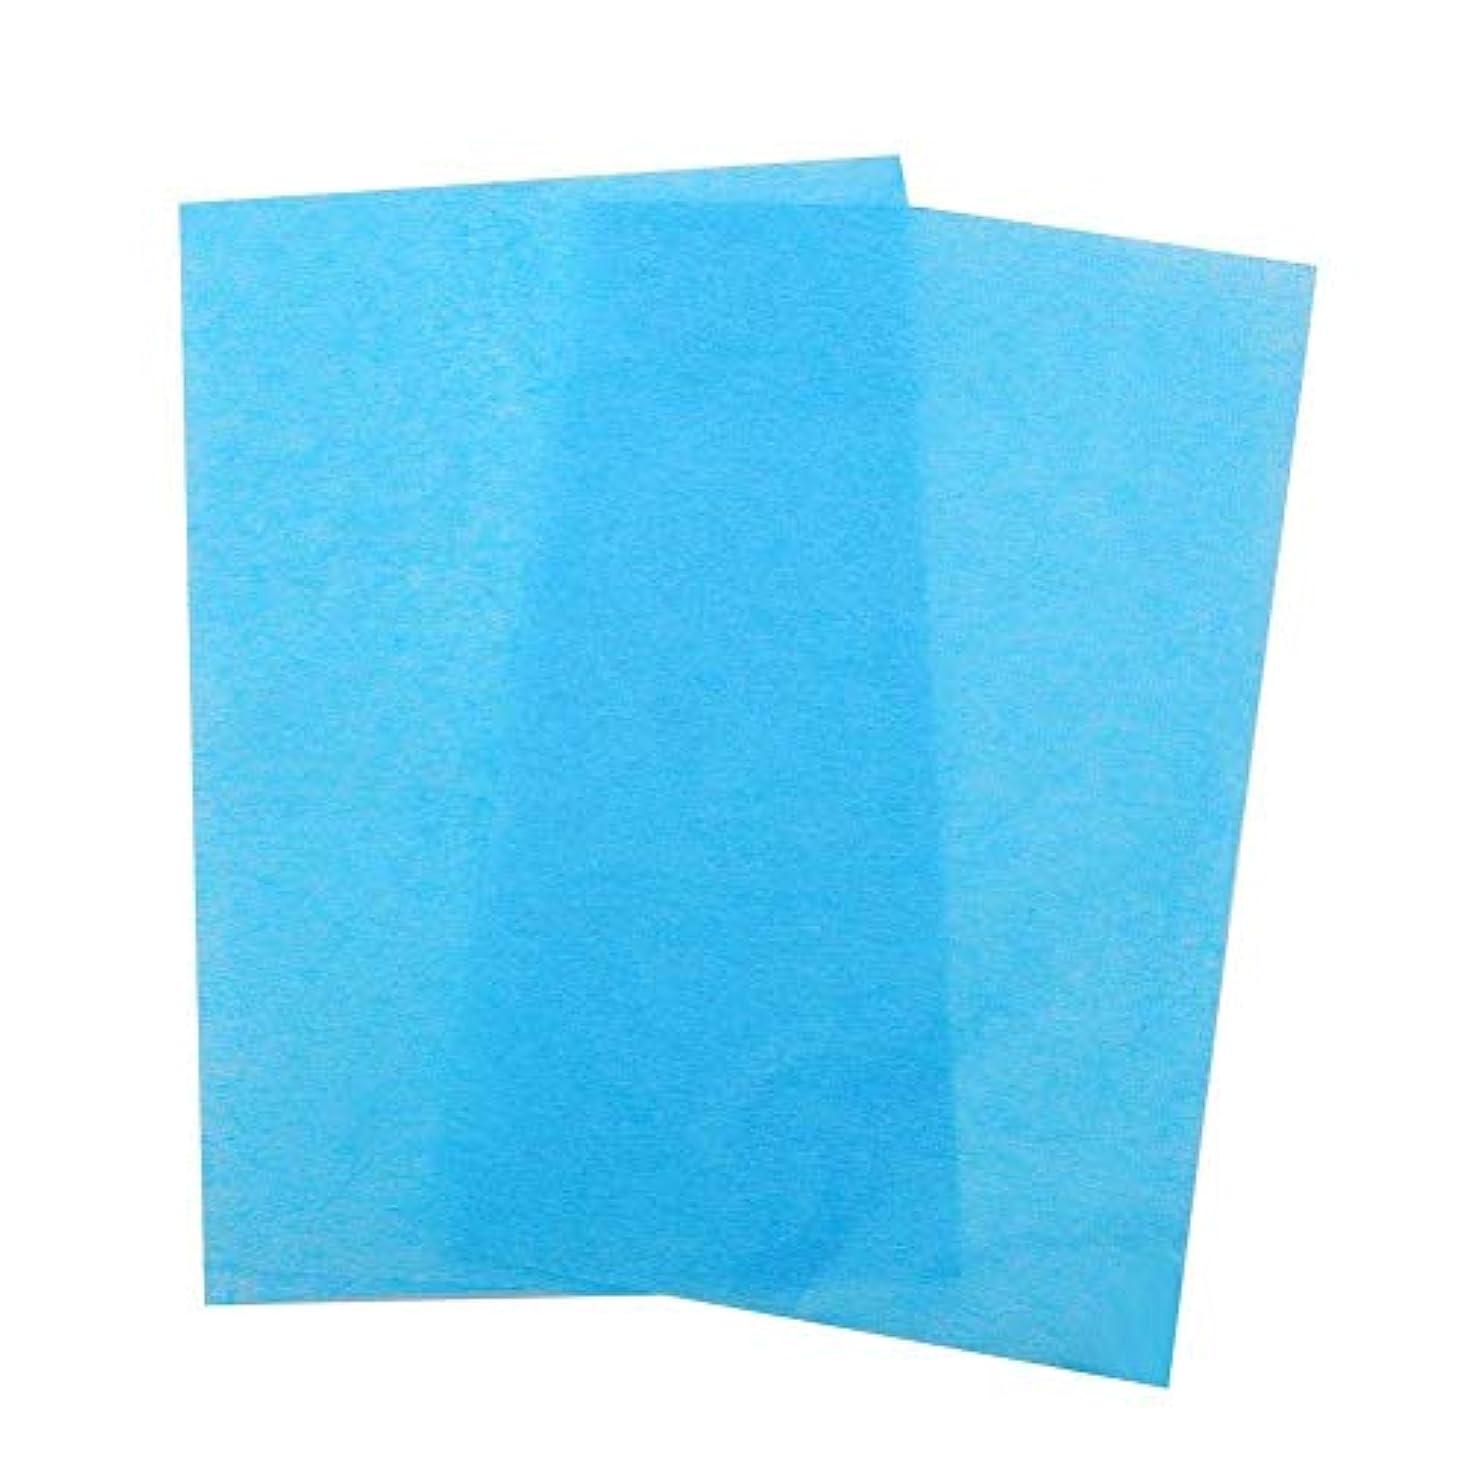 一部自伝の3色50ピース両面、オイル吸収組織フェイスブロッティングシートオイルブロッティング紙(03)